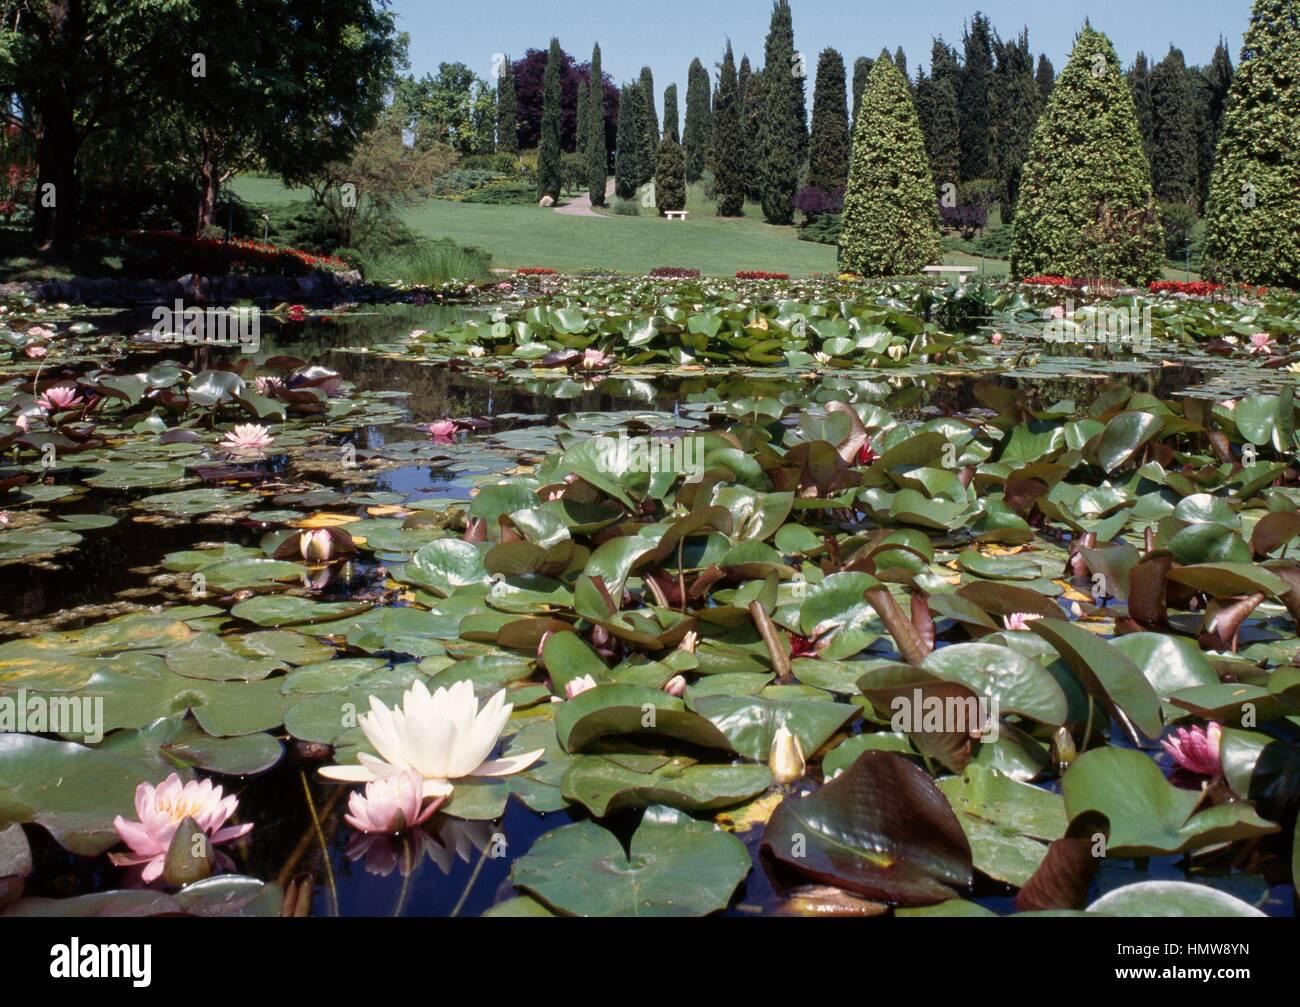 Blooming water lilies parco giardino sigurta 39 valeggio sul mincio stock photo royalty free - Parco giardino sigurta valeggio sul mincio vr ...